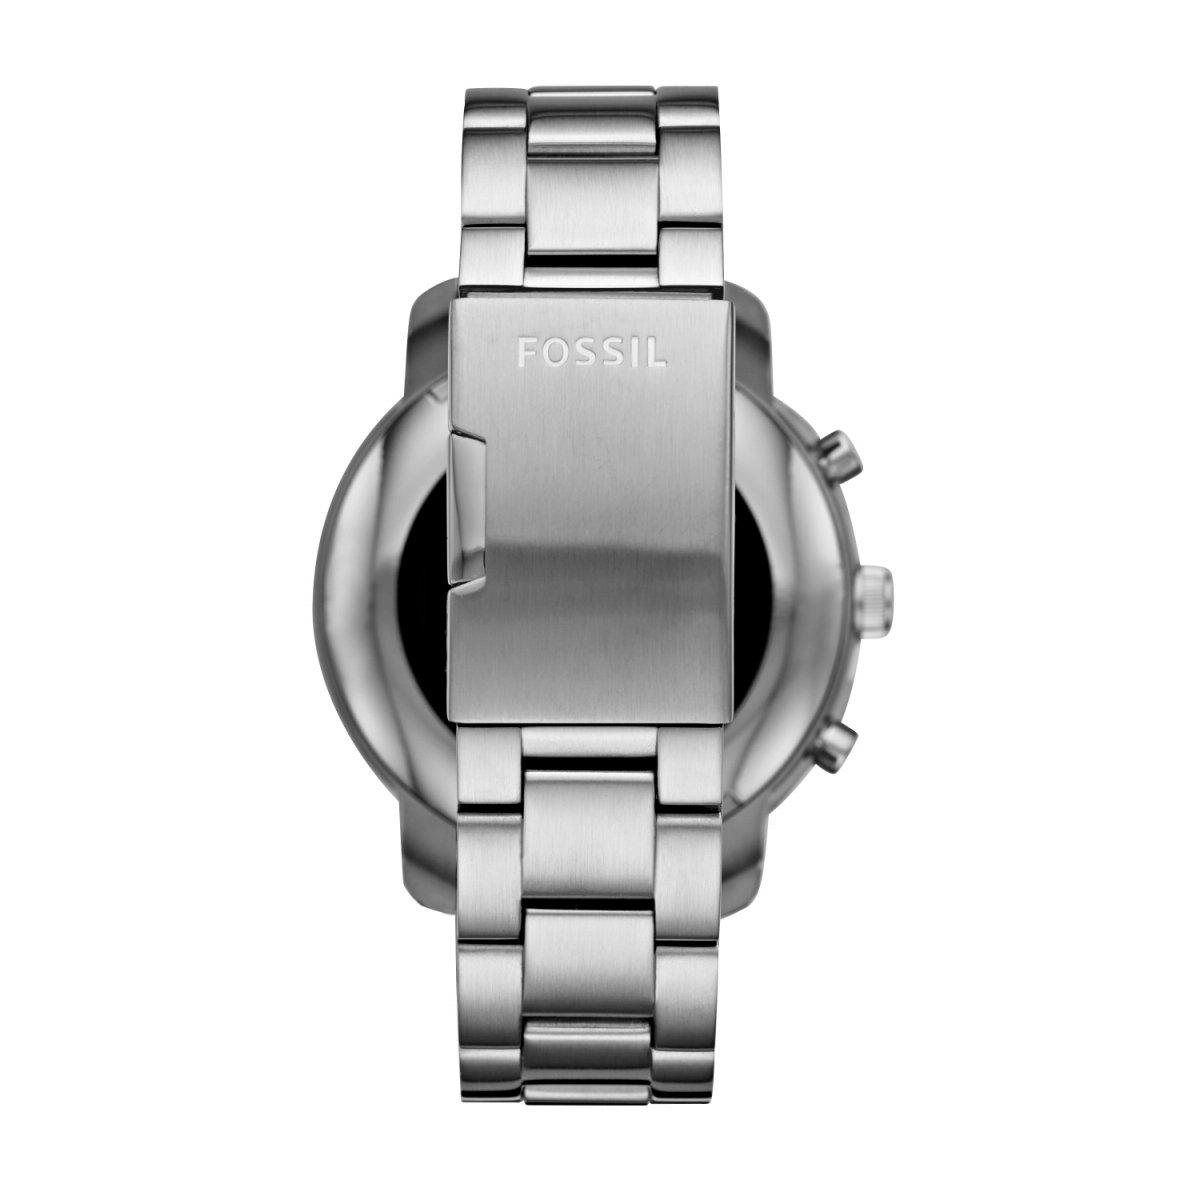 フォッシル FOSSIL Q スマートウォッチ ウェアラブル 腕時計 メンズ エクスプローリスト Q EXPLORIS FTW4000